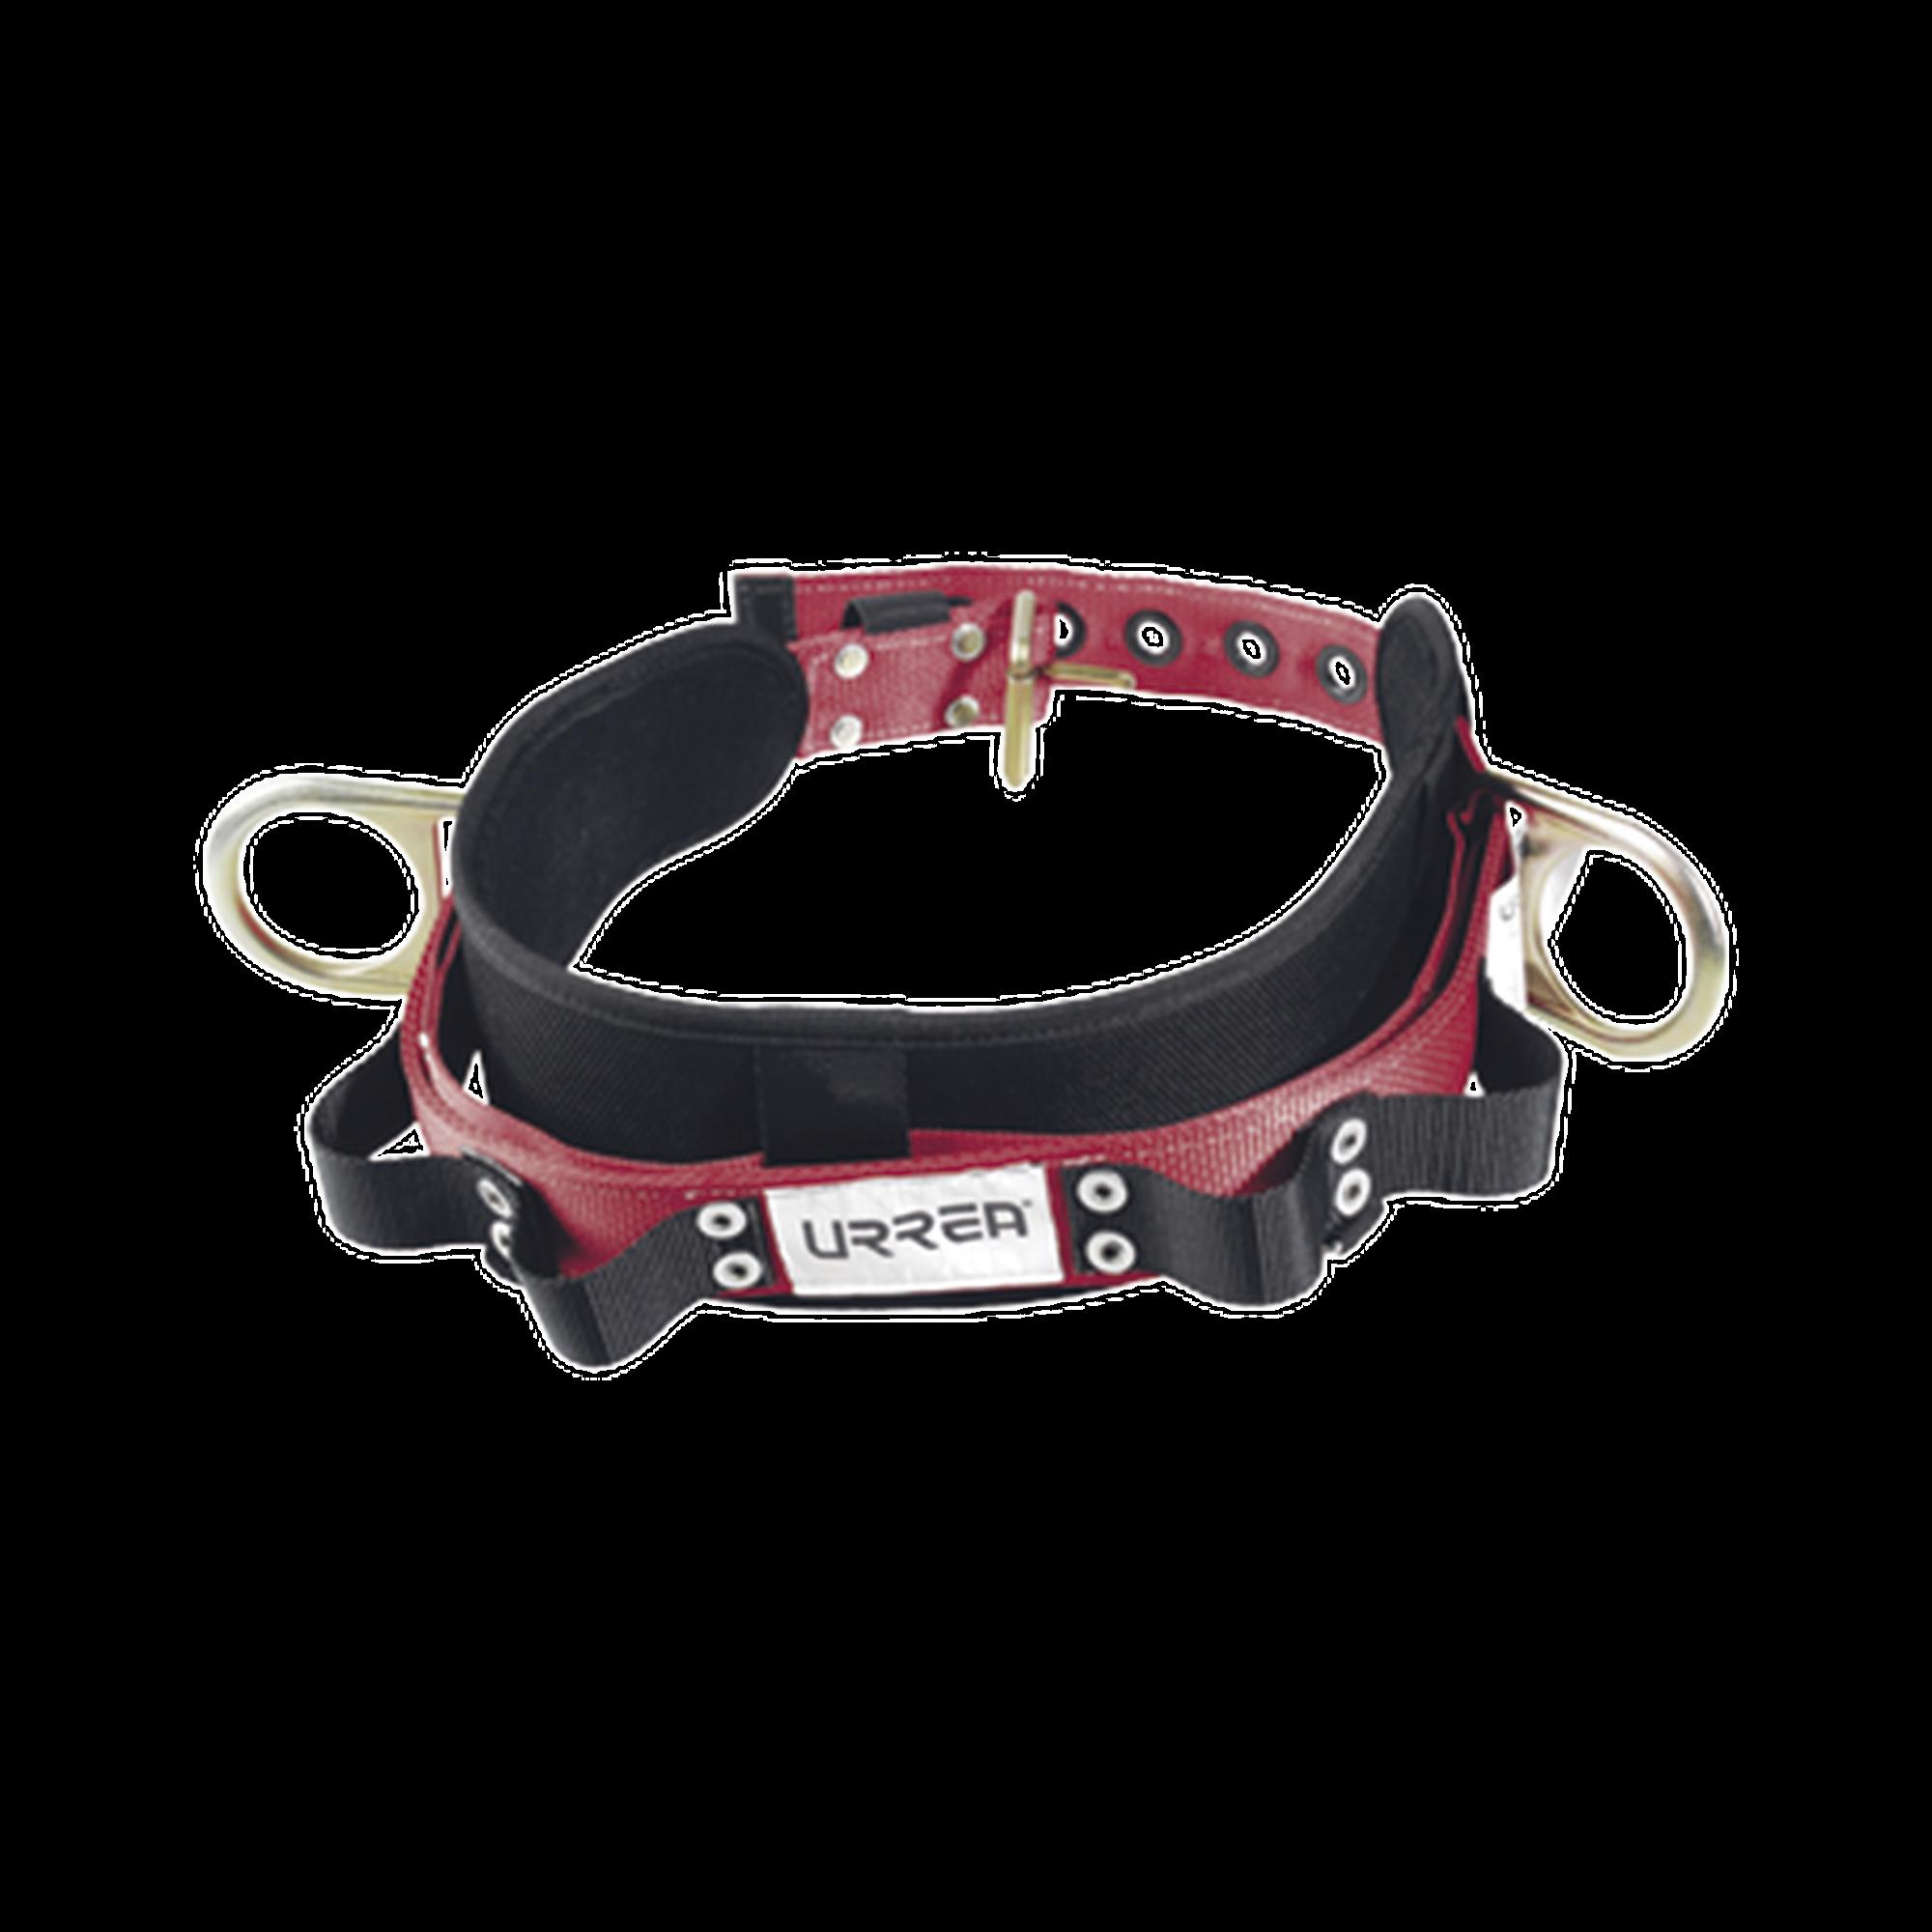 Cinturón para liniero talla 44, con bandas para porta herramientas y dos anillos tipo D.